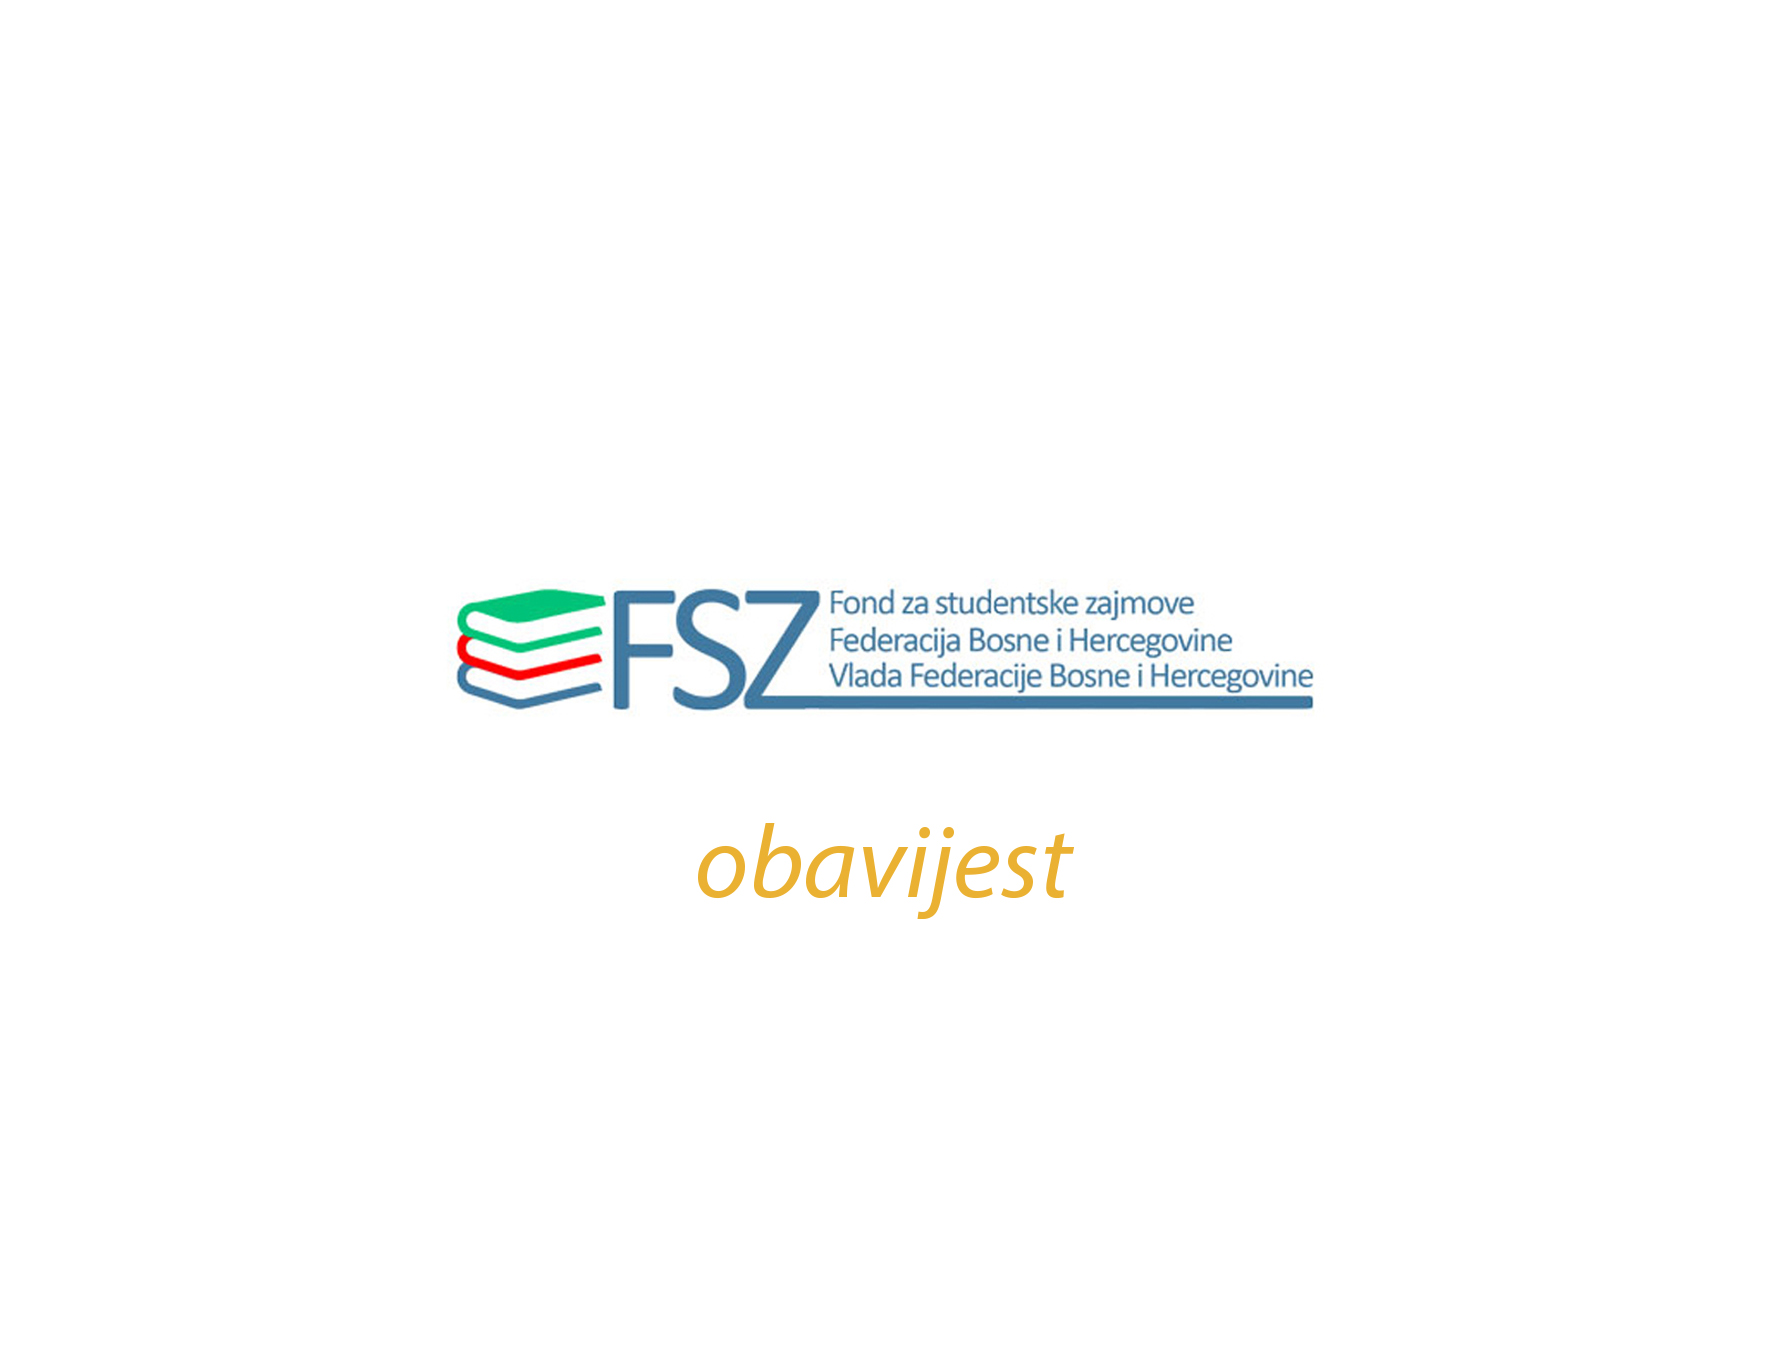 Obavijest za studente iz FBiH na razmjeni u inostranstvu